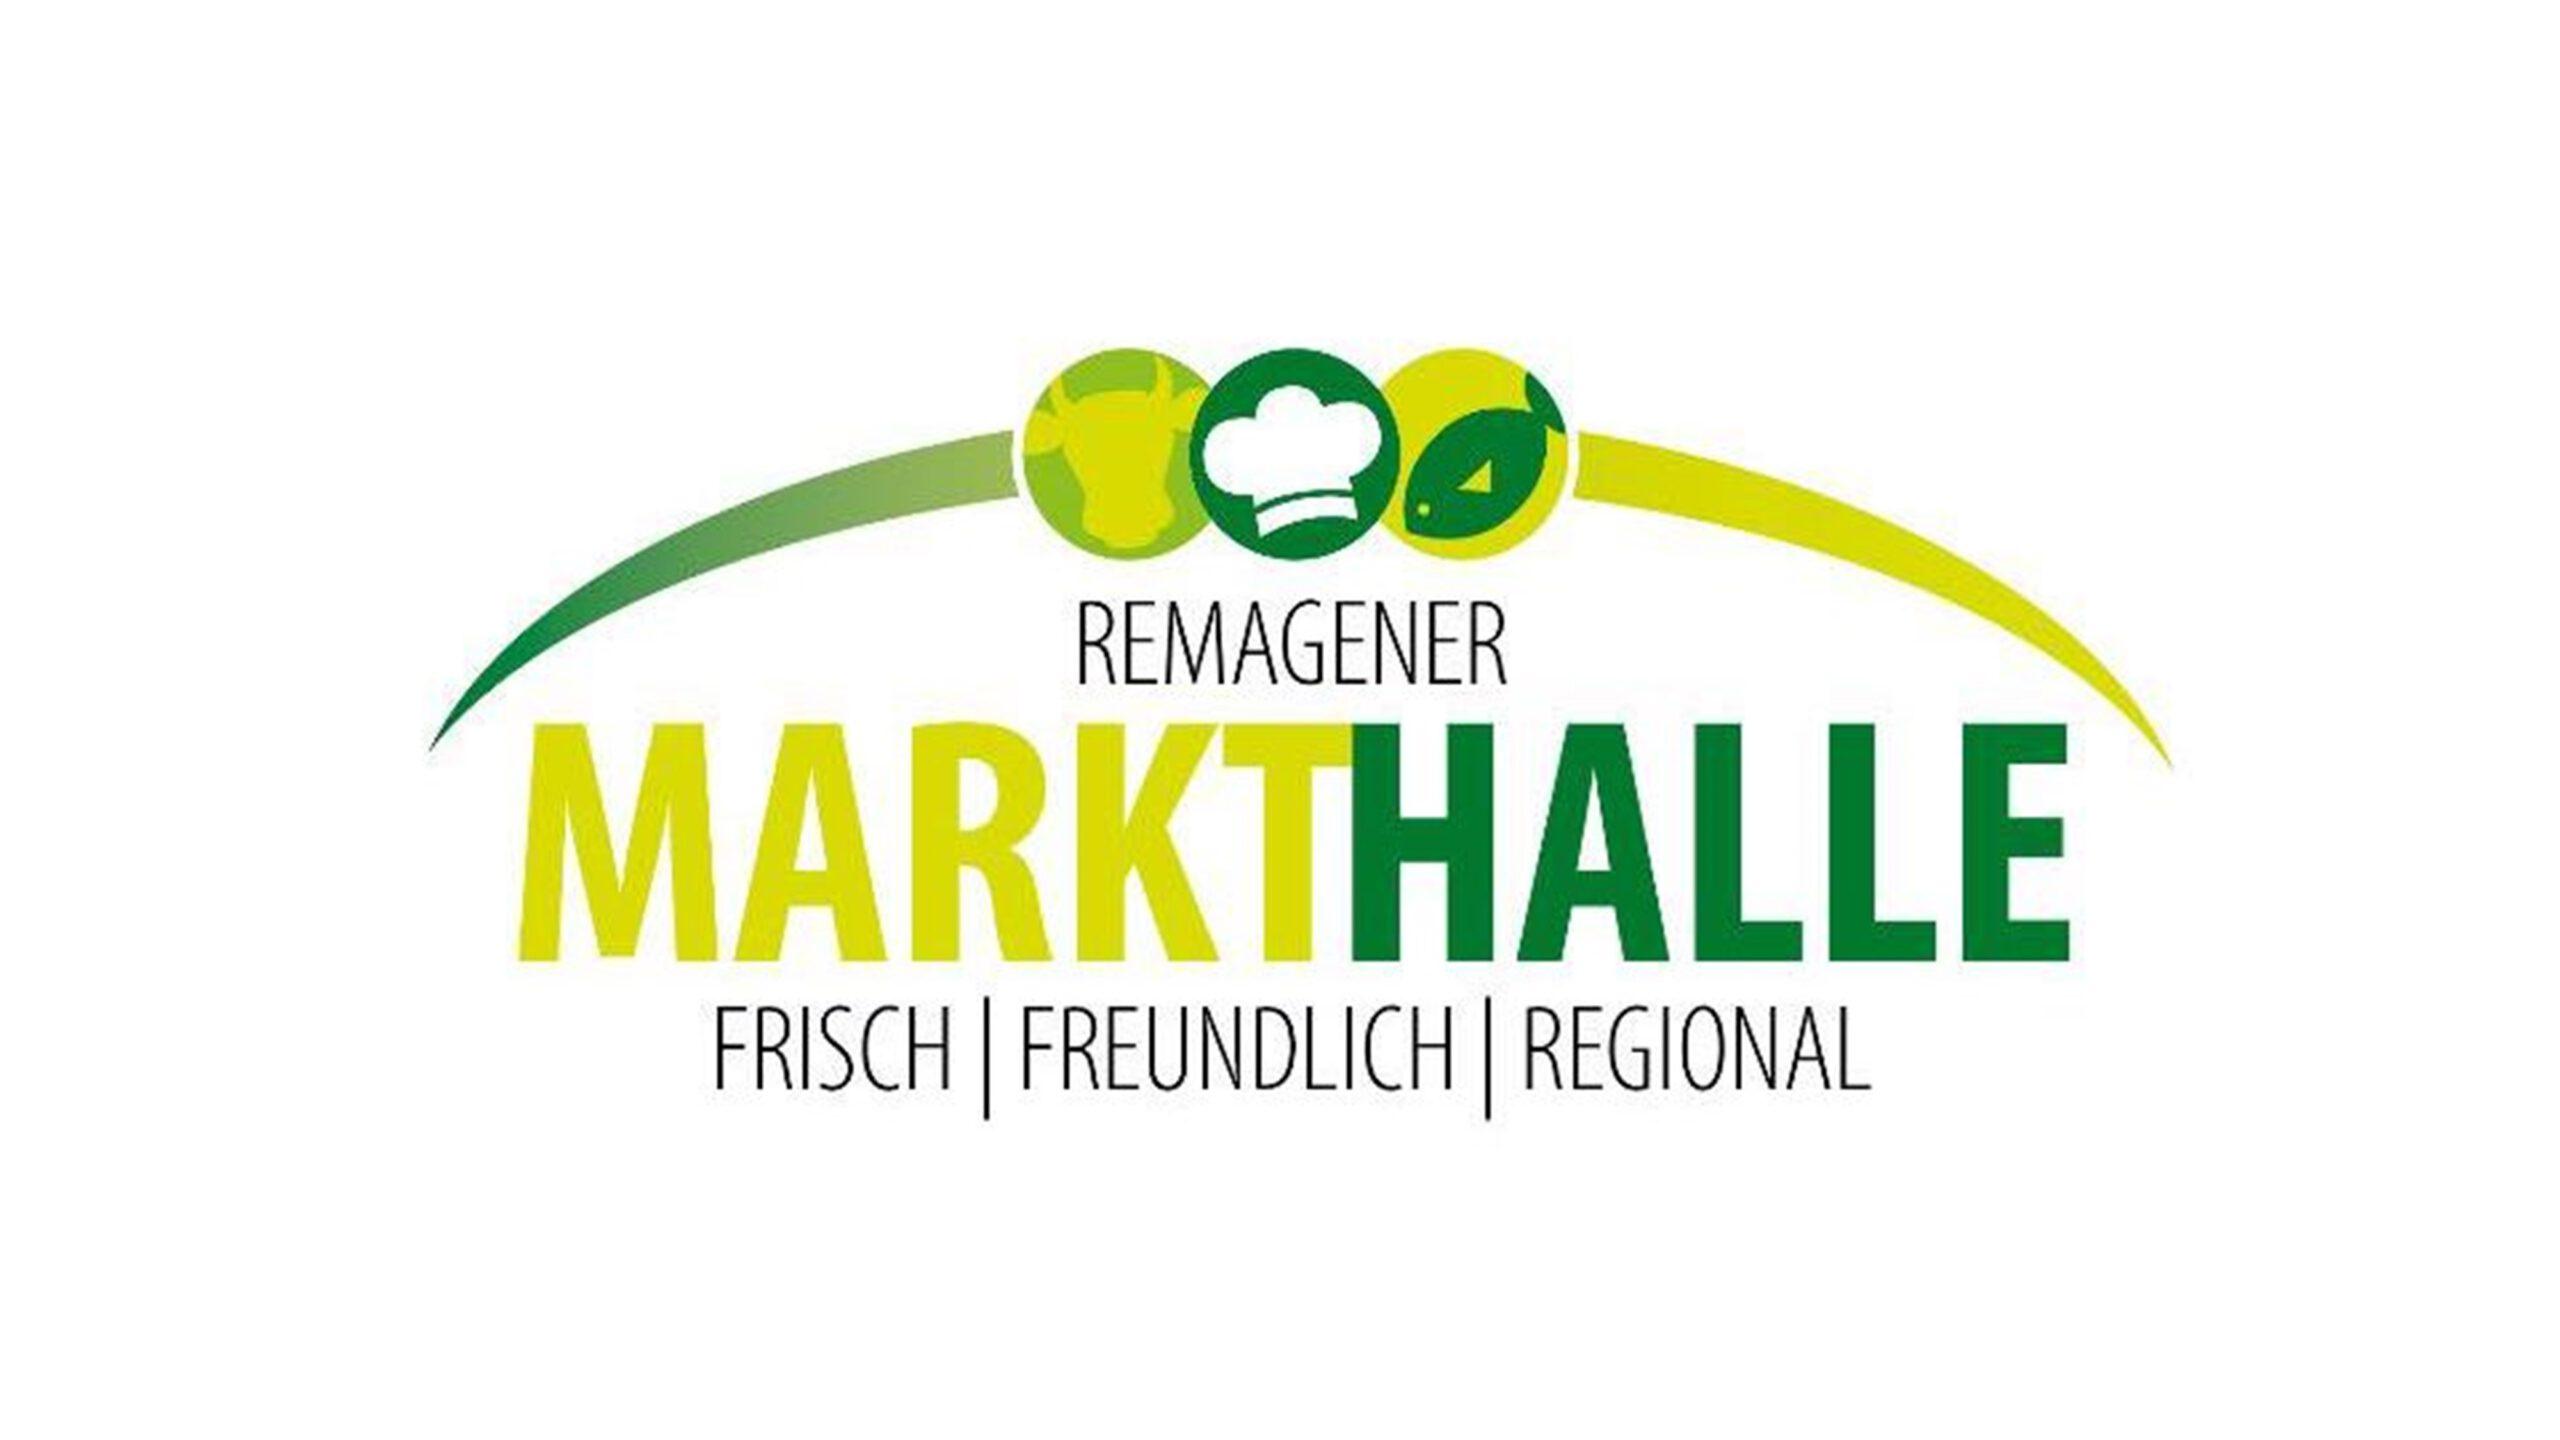 markthalle02